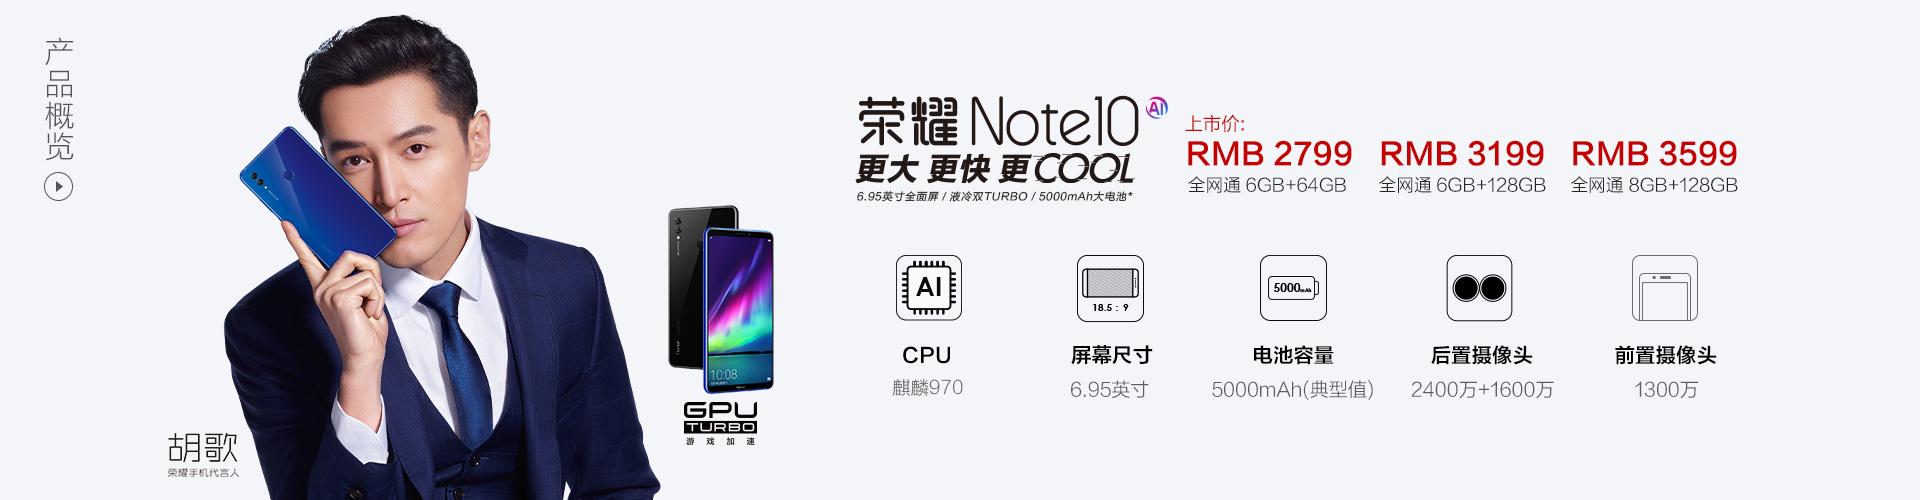 中山手机网 华为(HUAWEI) 华为Note10手机专卖